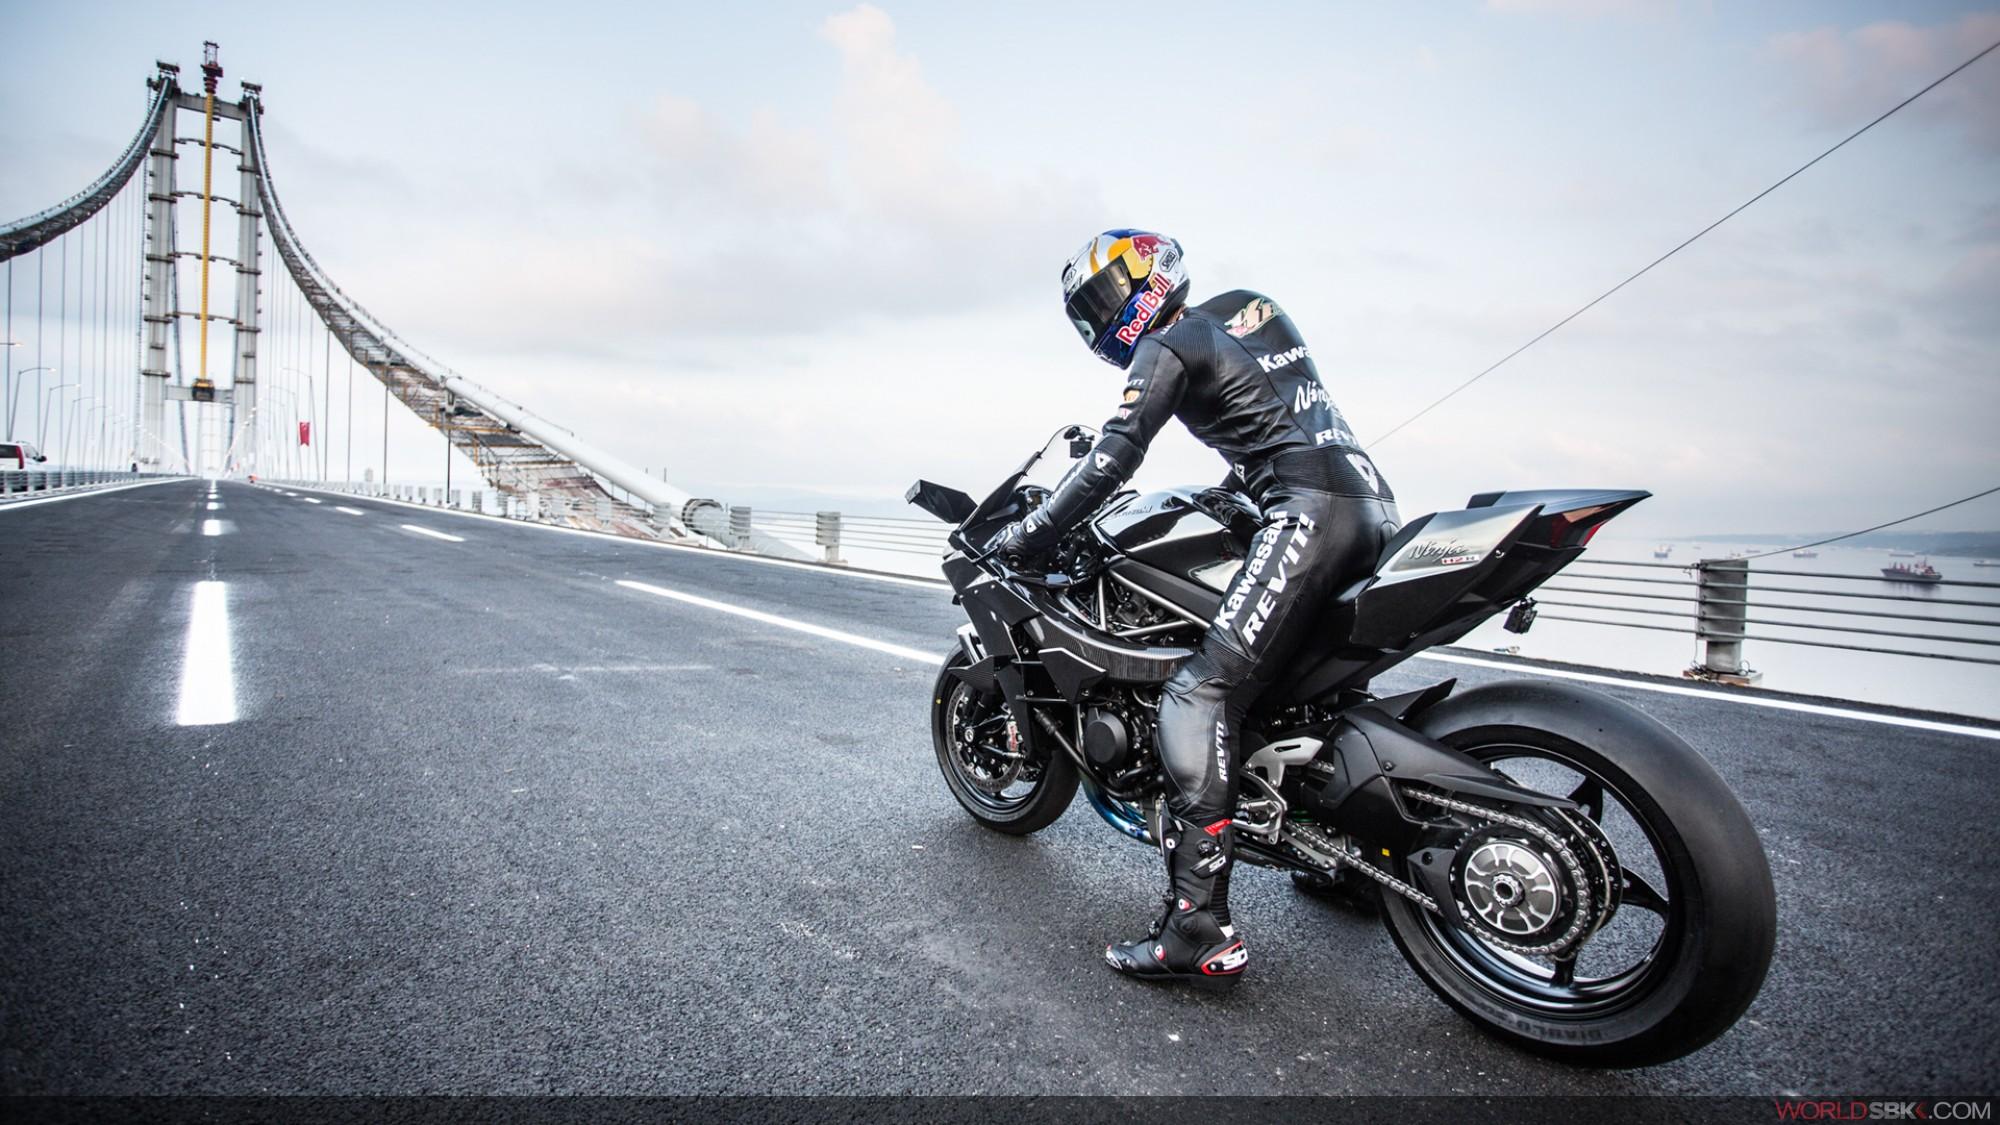 moto kawasaki a 400 km/h